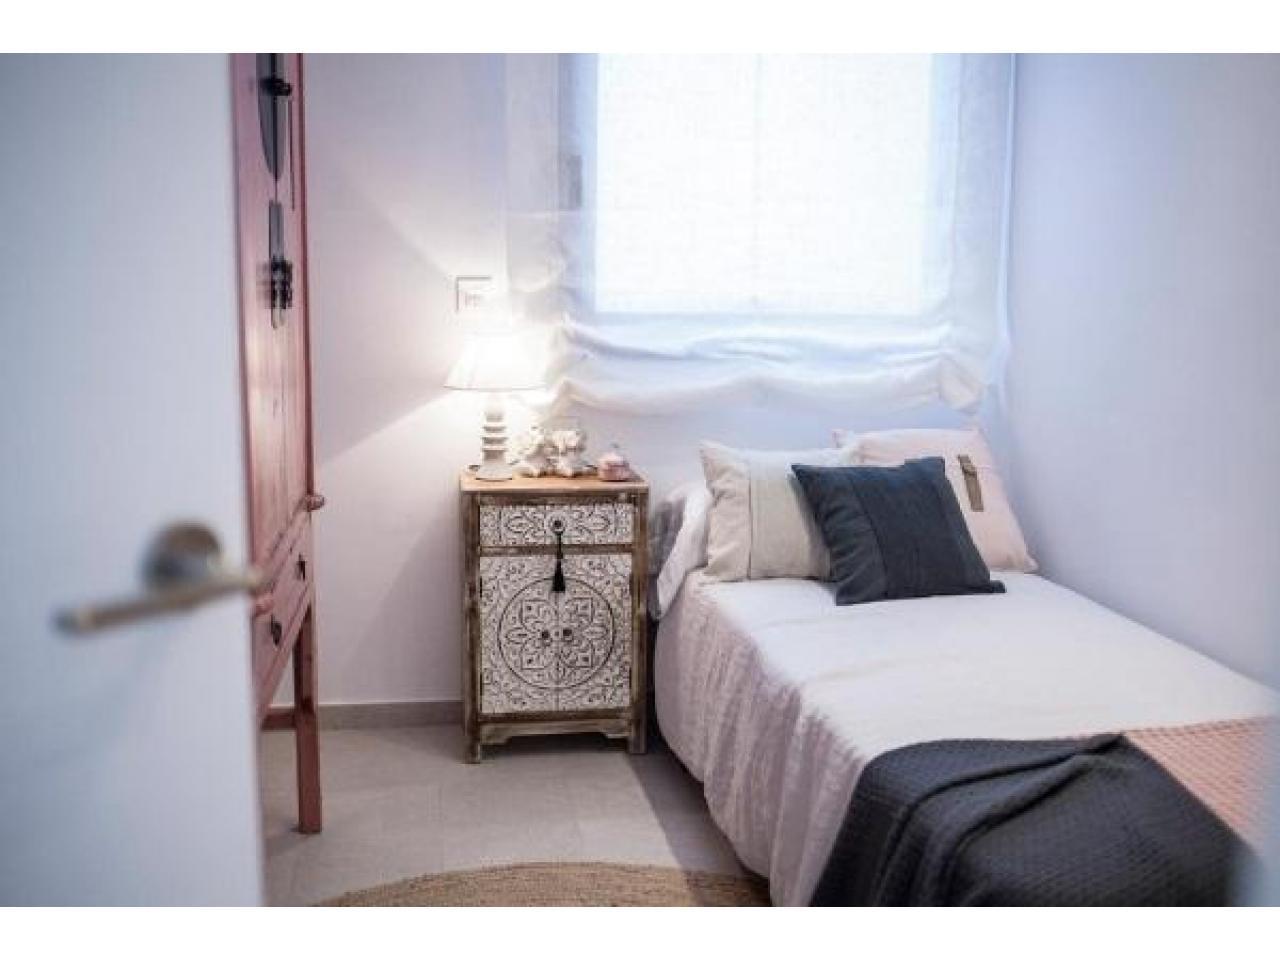 Недвижимость в Испании, Новые бунгало рядом с пляжем от застройщика в Торре де ла Орадада - 8